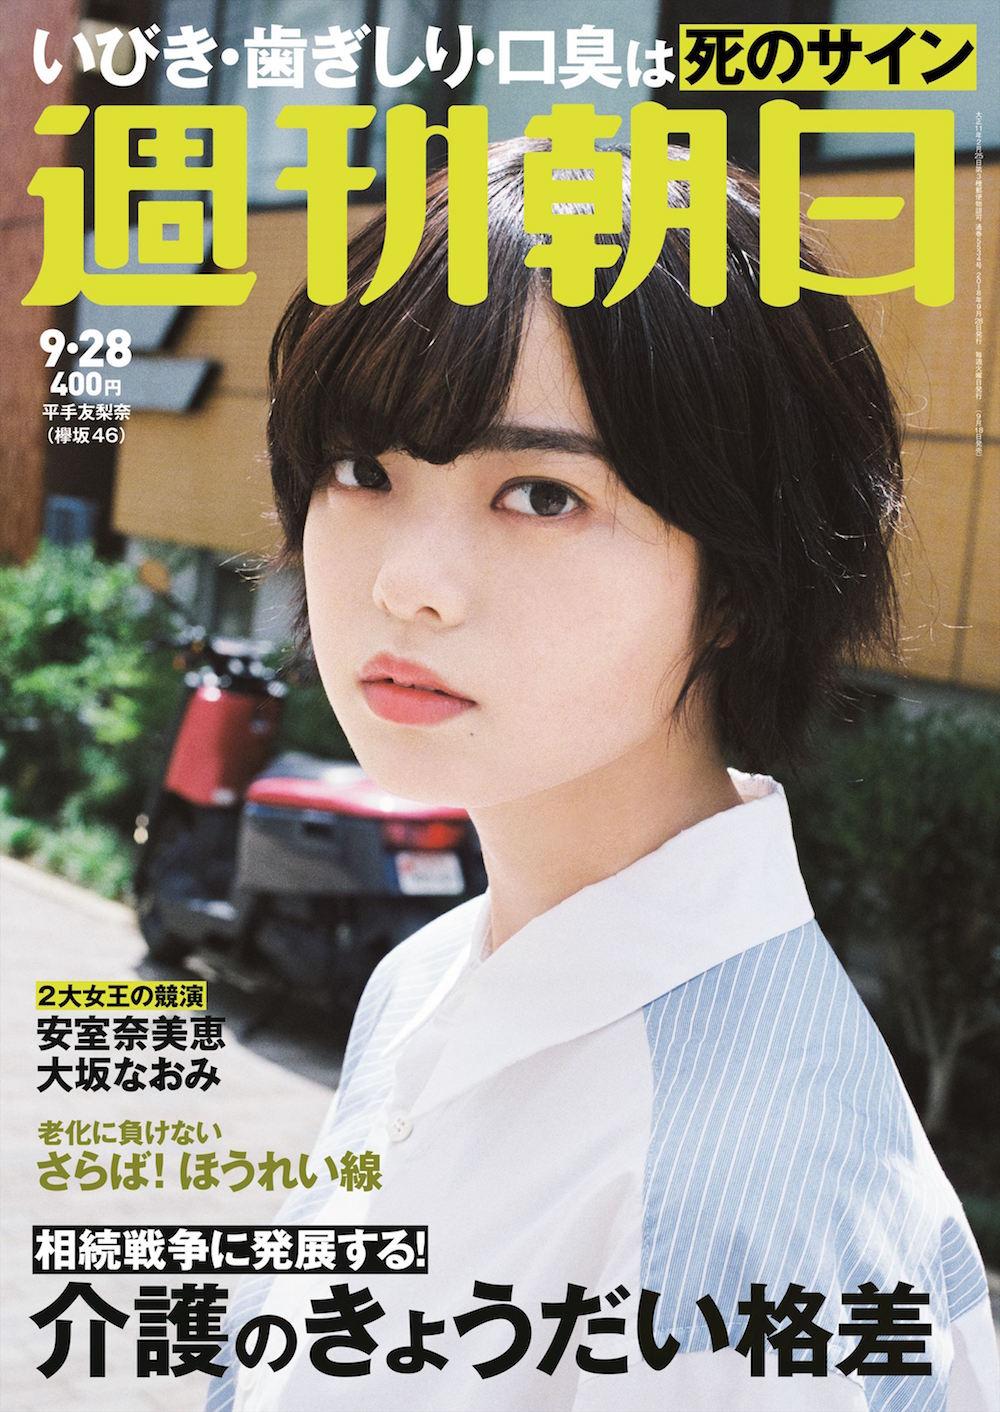 平手友梨奈(欅坂46)「週刊朝日」の表紙